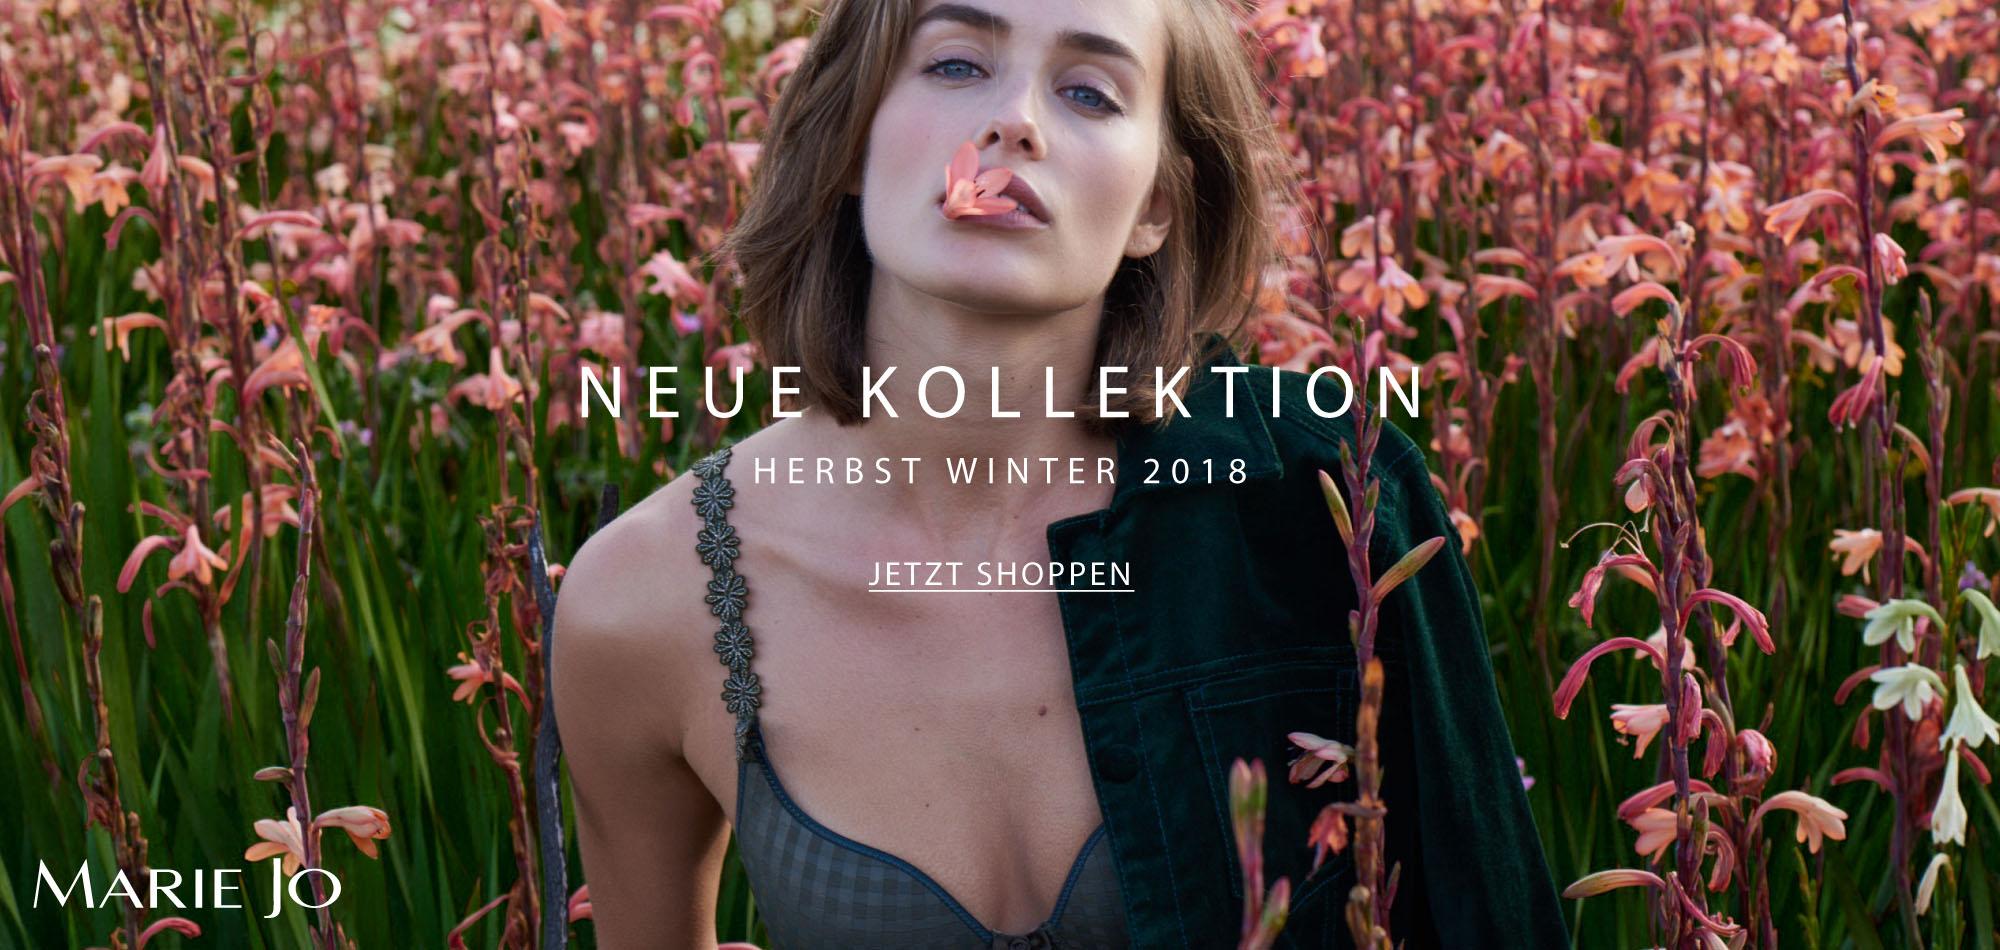 Neue Kollektion Herbst Winter 2018 Marie Jo